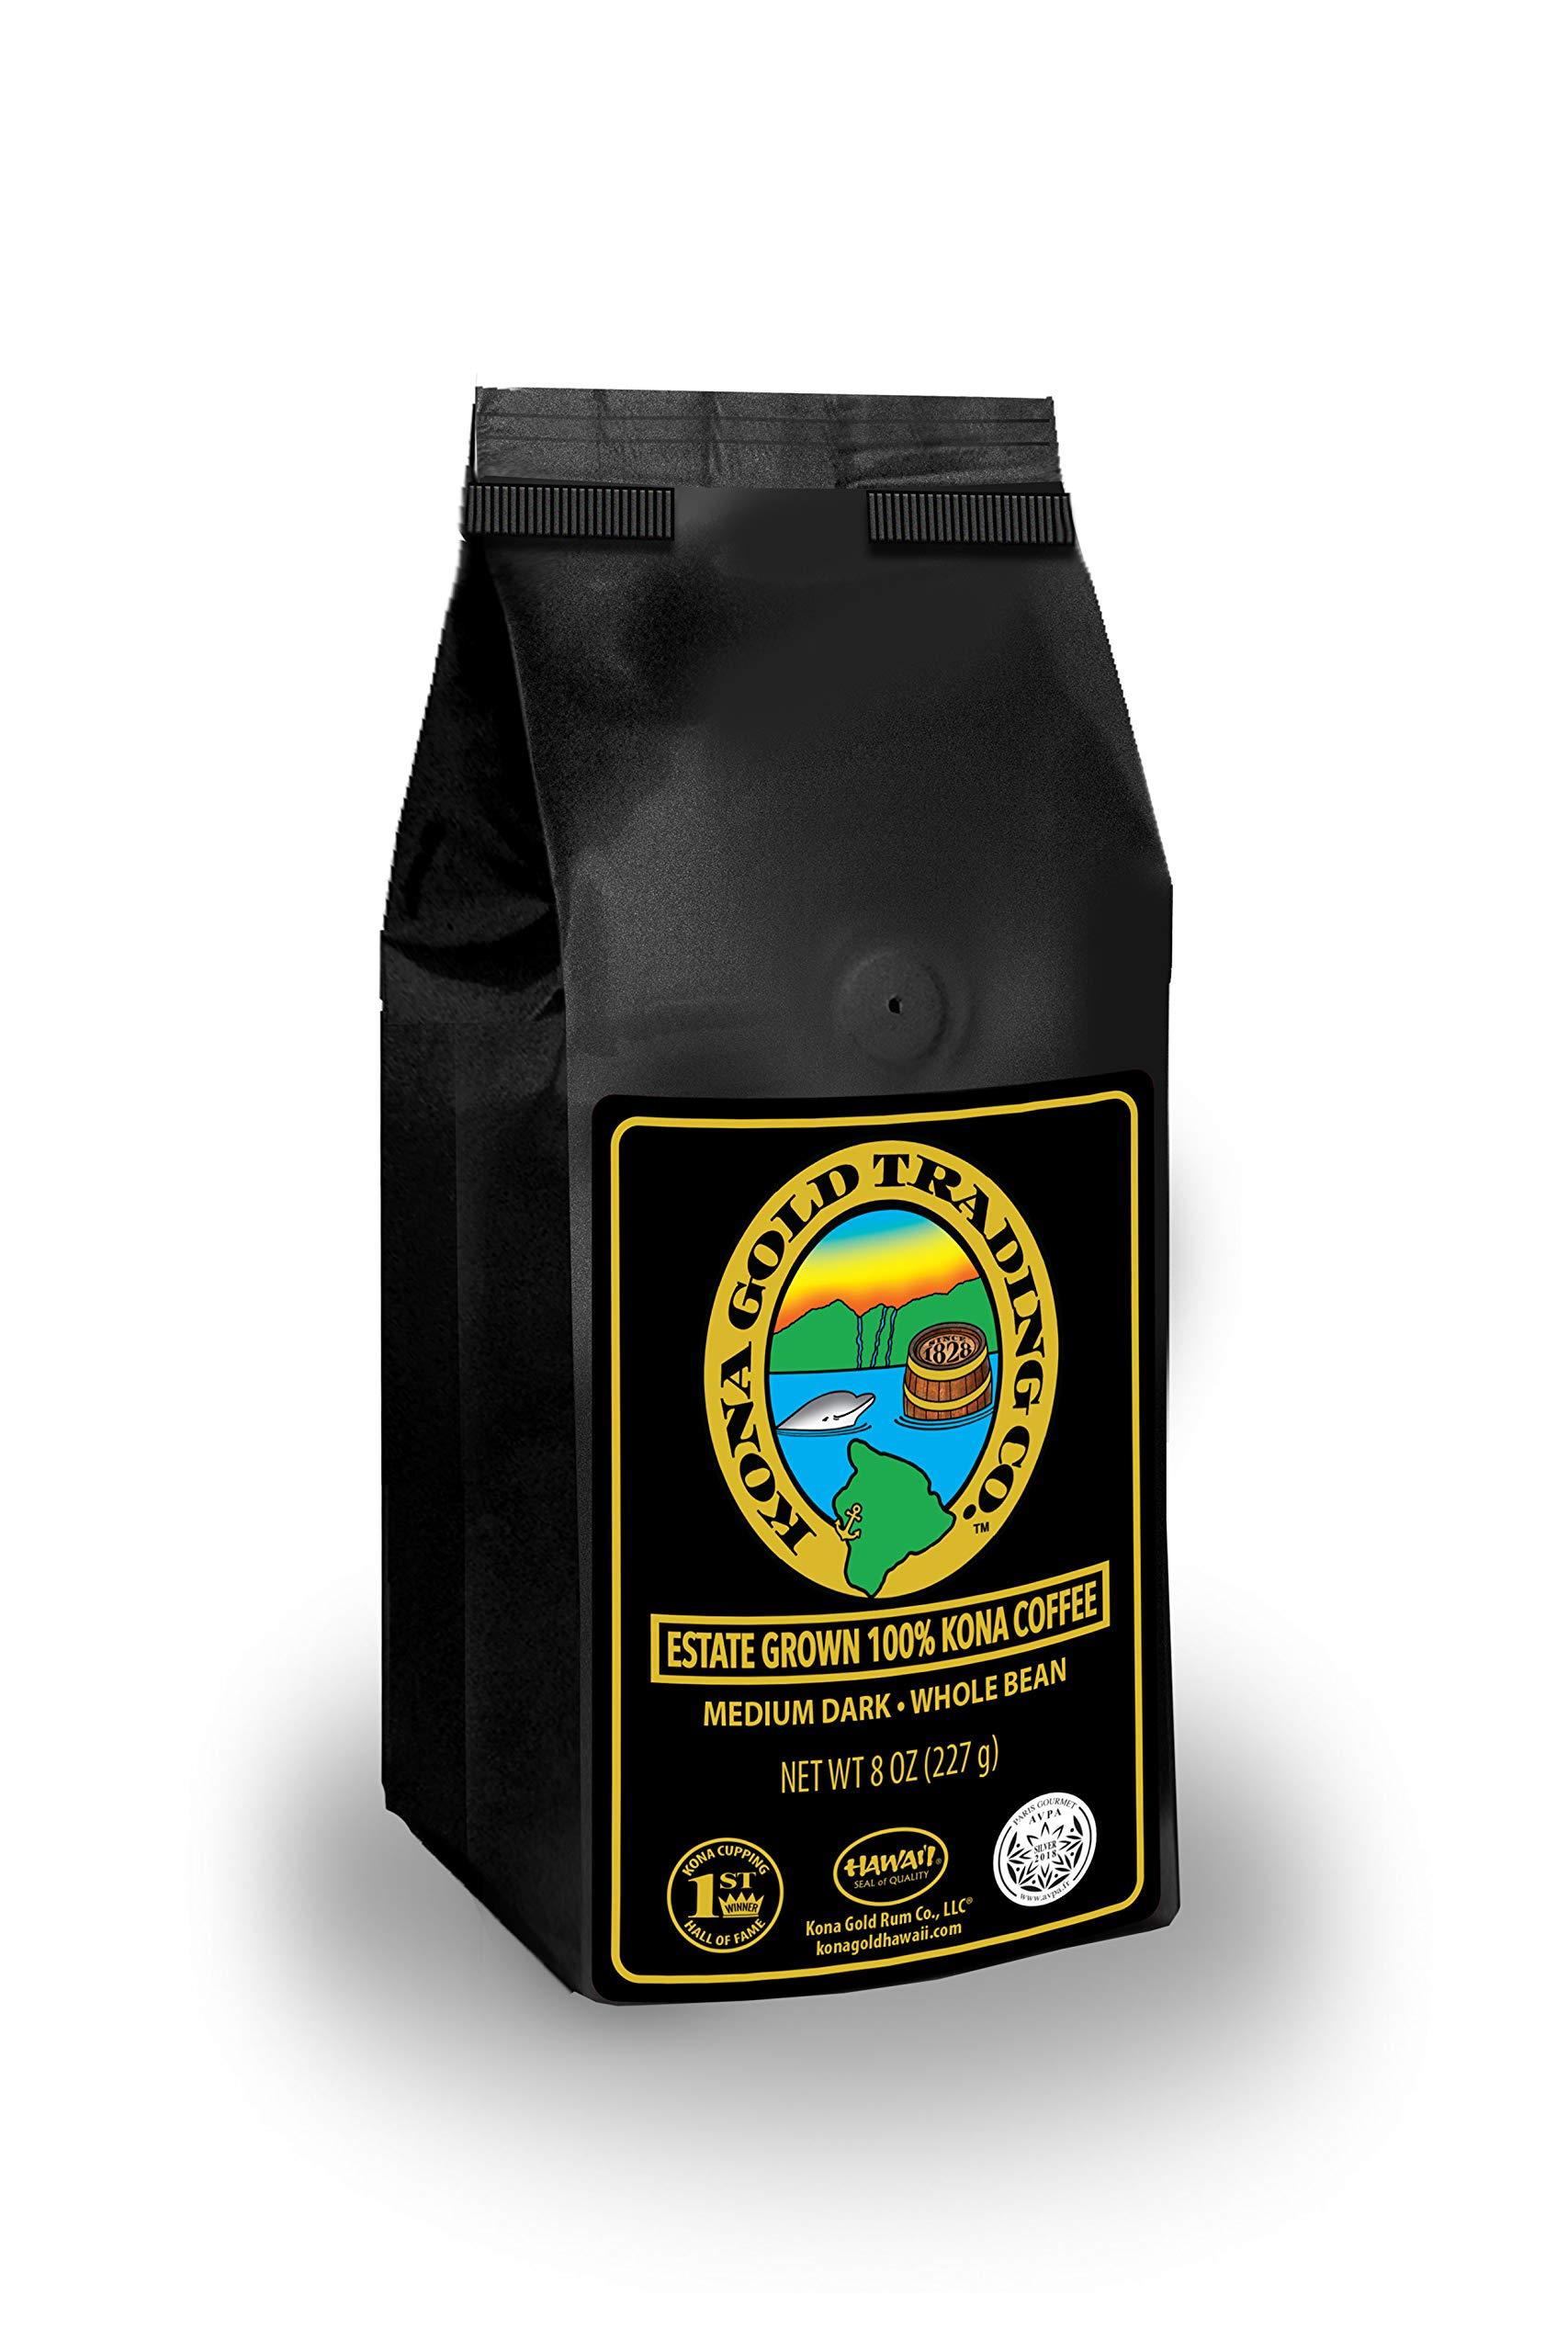 Kona Gold Coffee Whole Beans - 8 oz, by Kona Gold Rum Co. - Medium/Dark Roast Extra Fancy - 100% Kona Coffee by Kona Gold